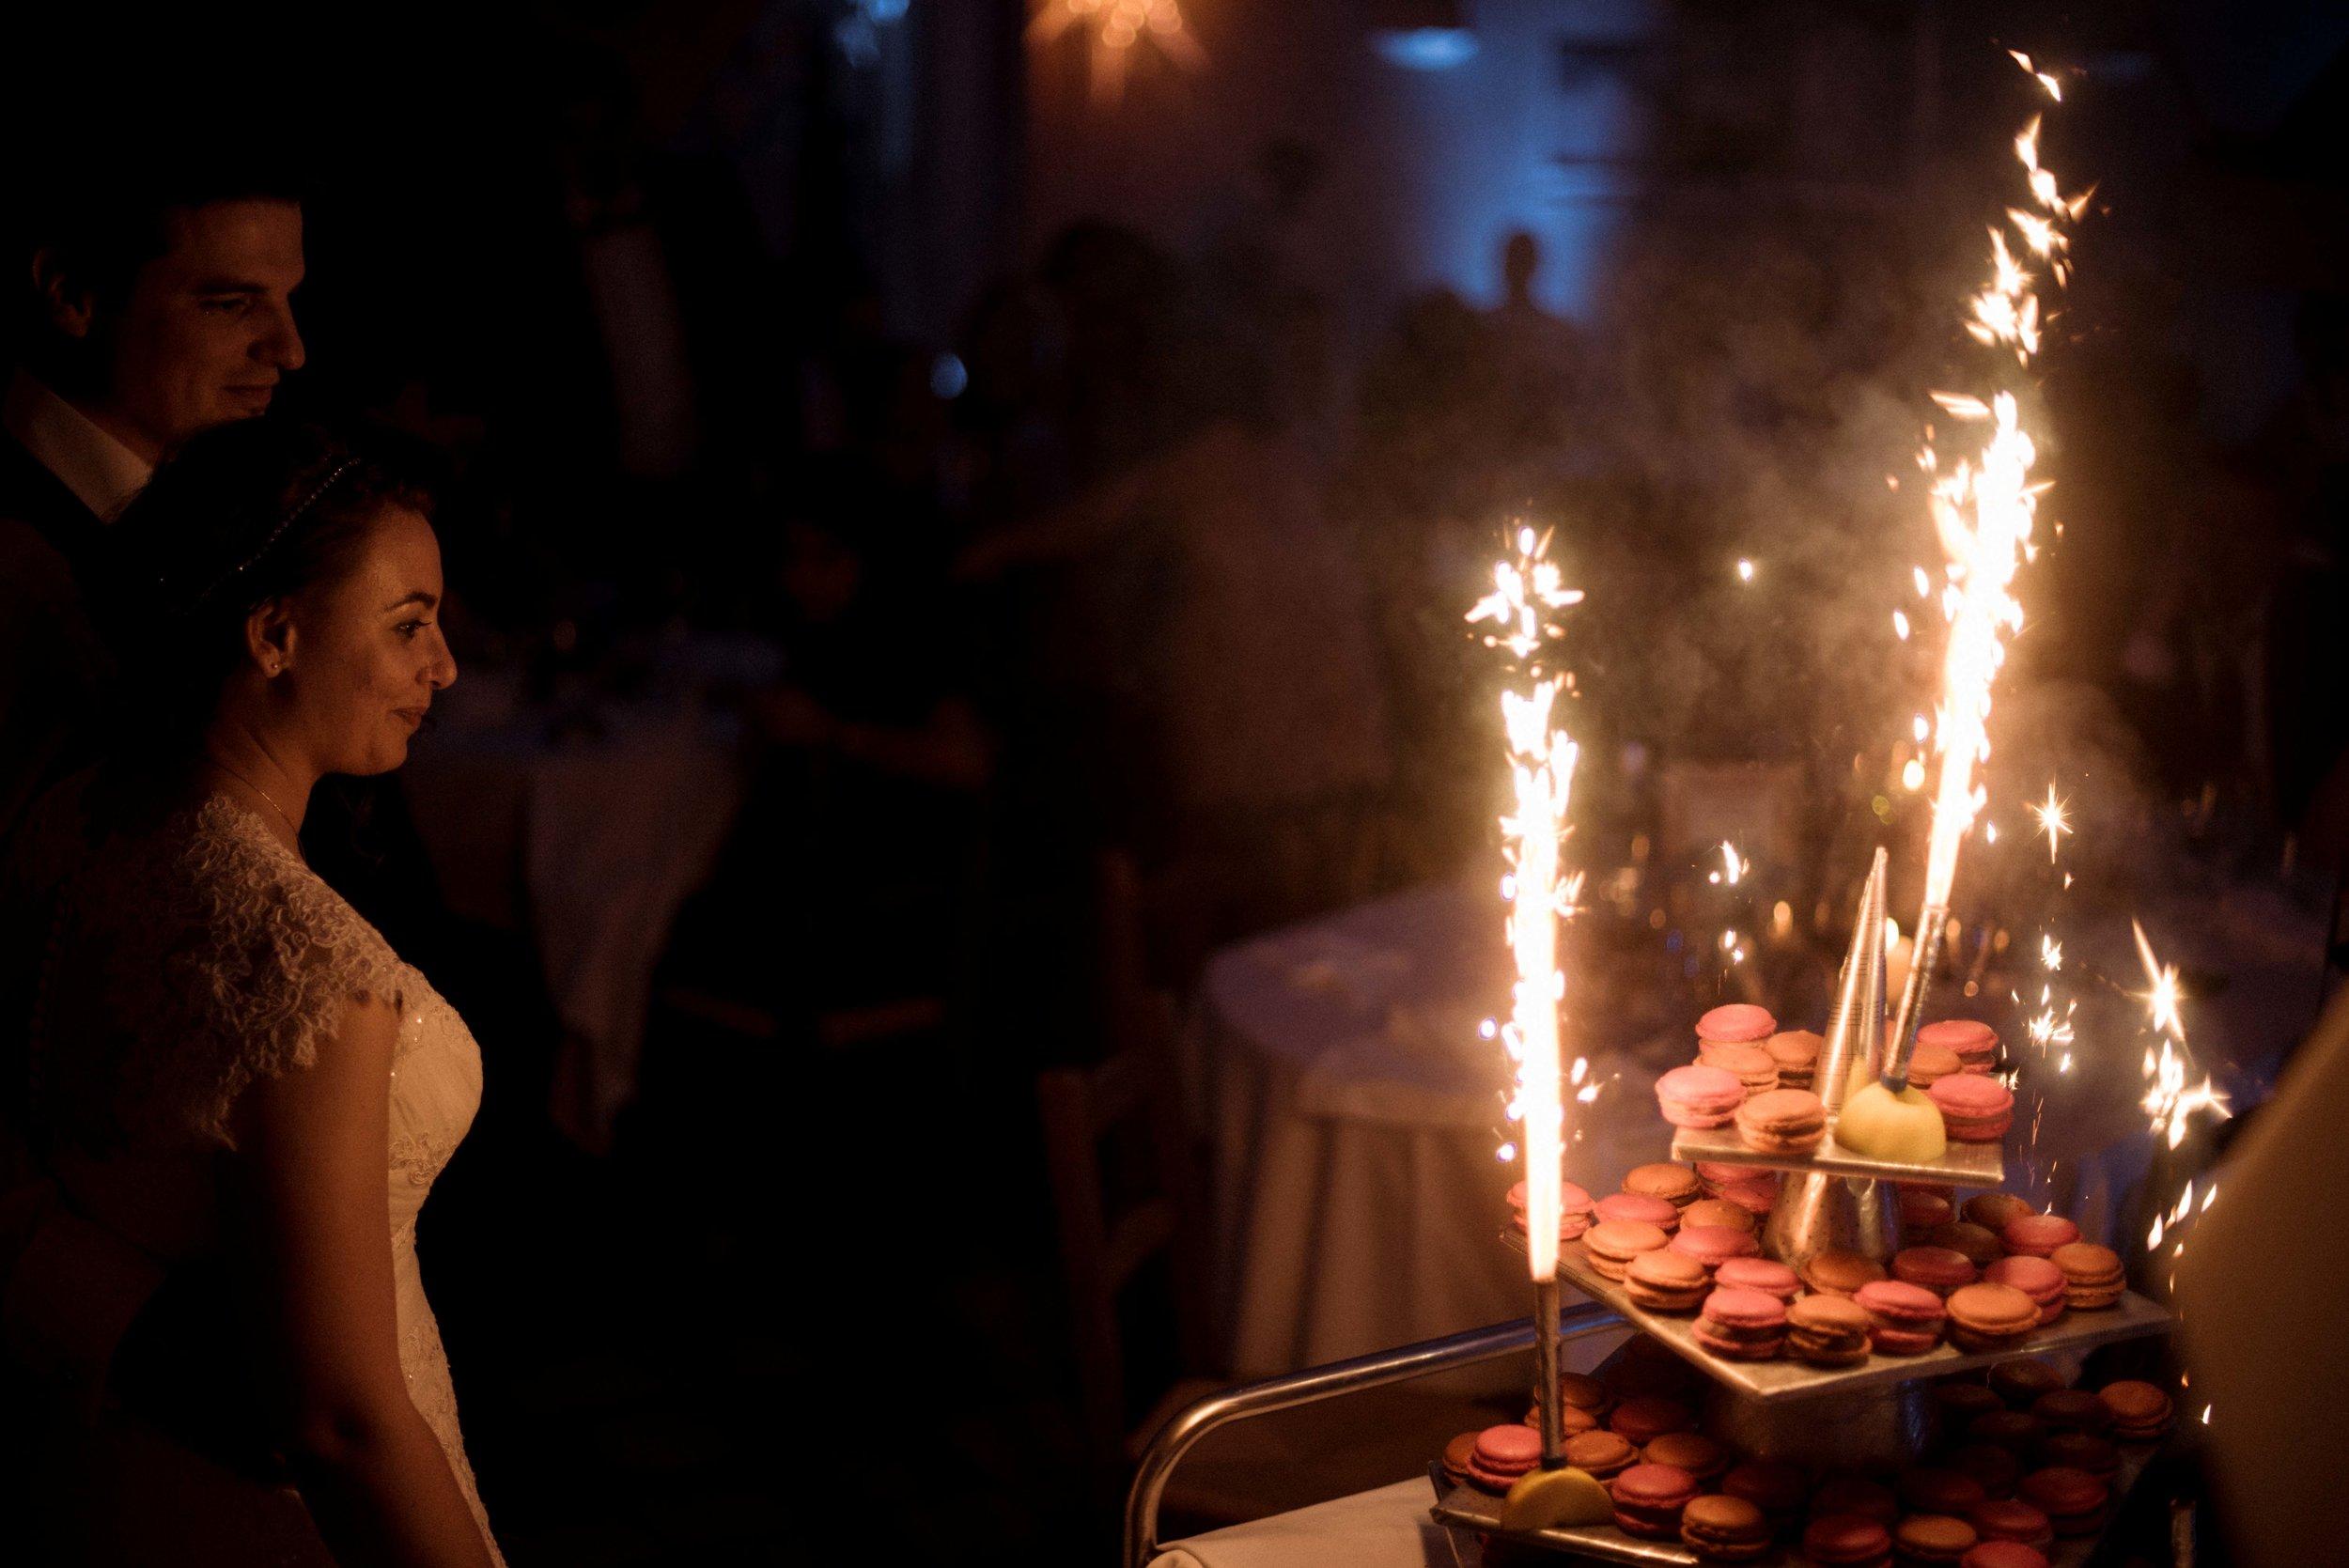 Léa-Fery-photographe-professionnel-lyon-rhone-alpes-portrait-mariage-couple-amour-lovesession-engagement-elopment-3426.jpg